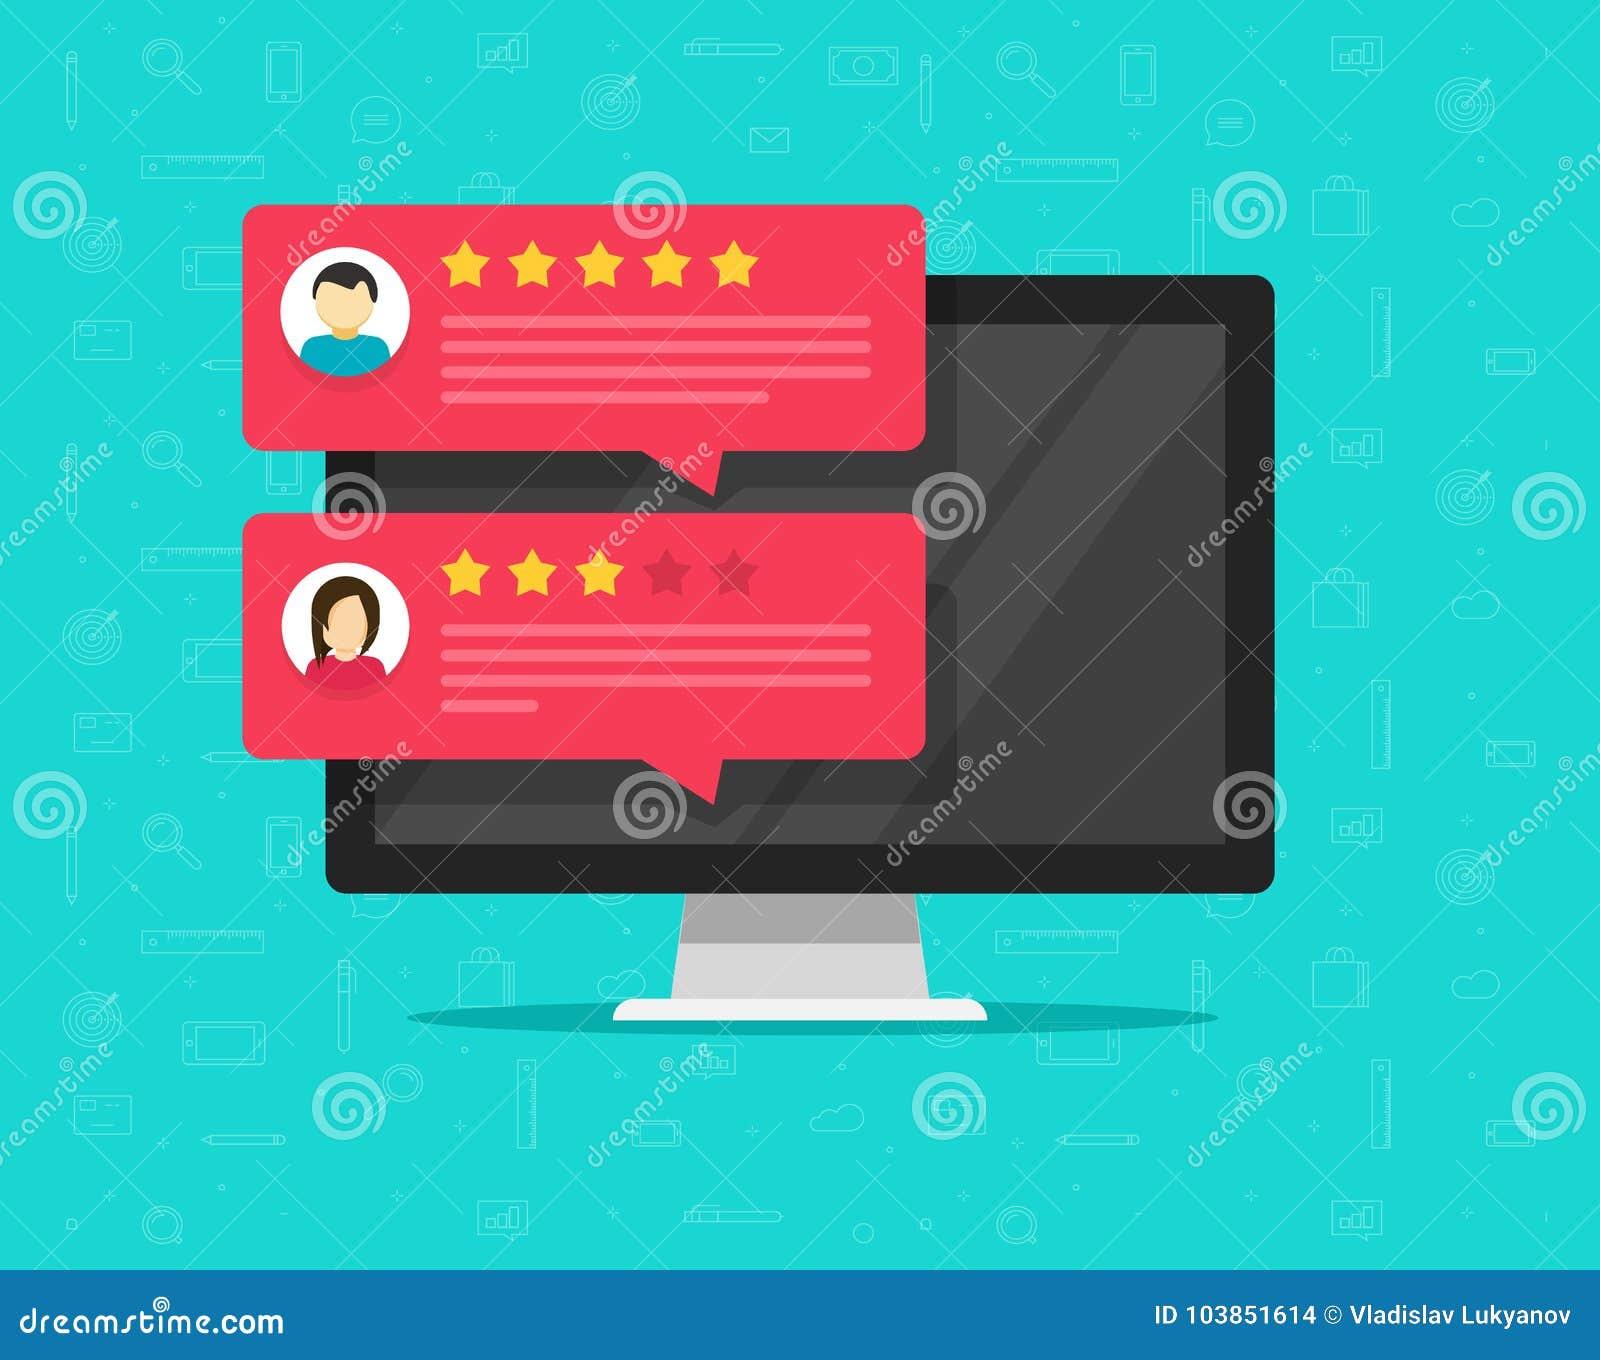 计算机和顾客回顾规定值消息传染媒介例证、平的台式计算机显示与网上回顾或客户